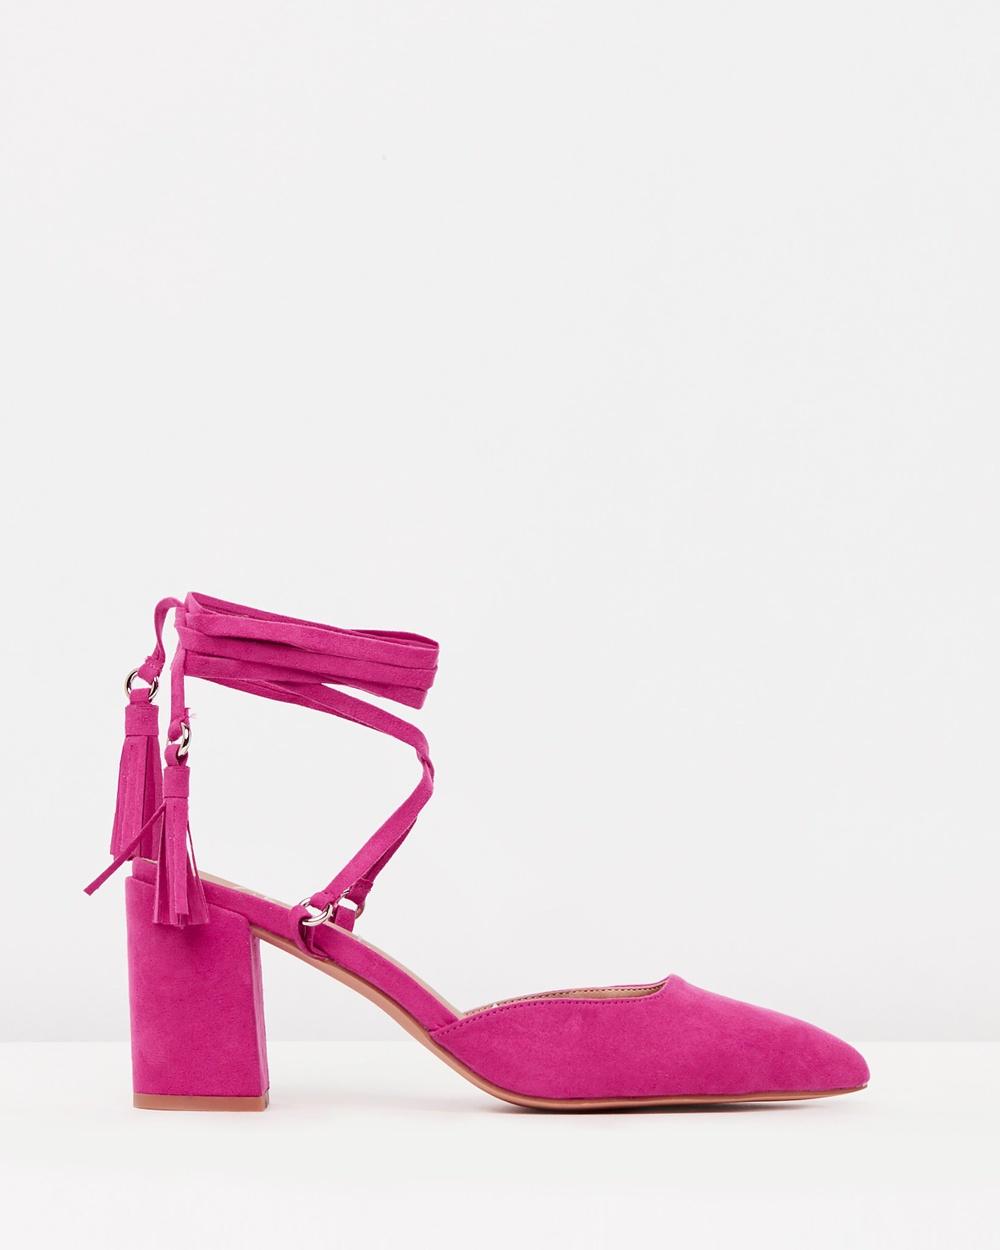 SPURR ICONIC EXCLUSIVE Lillian Pumps All Pumps Pink Microsuede ICONIC EXCLUSIVE Lillian Pumps